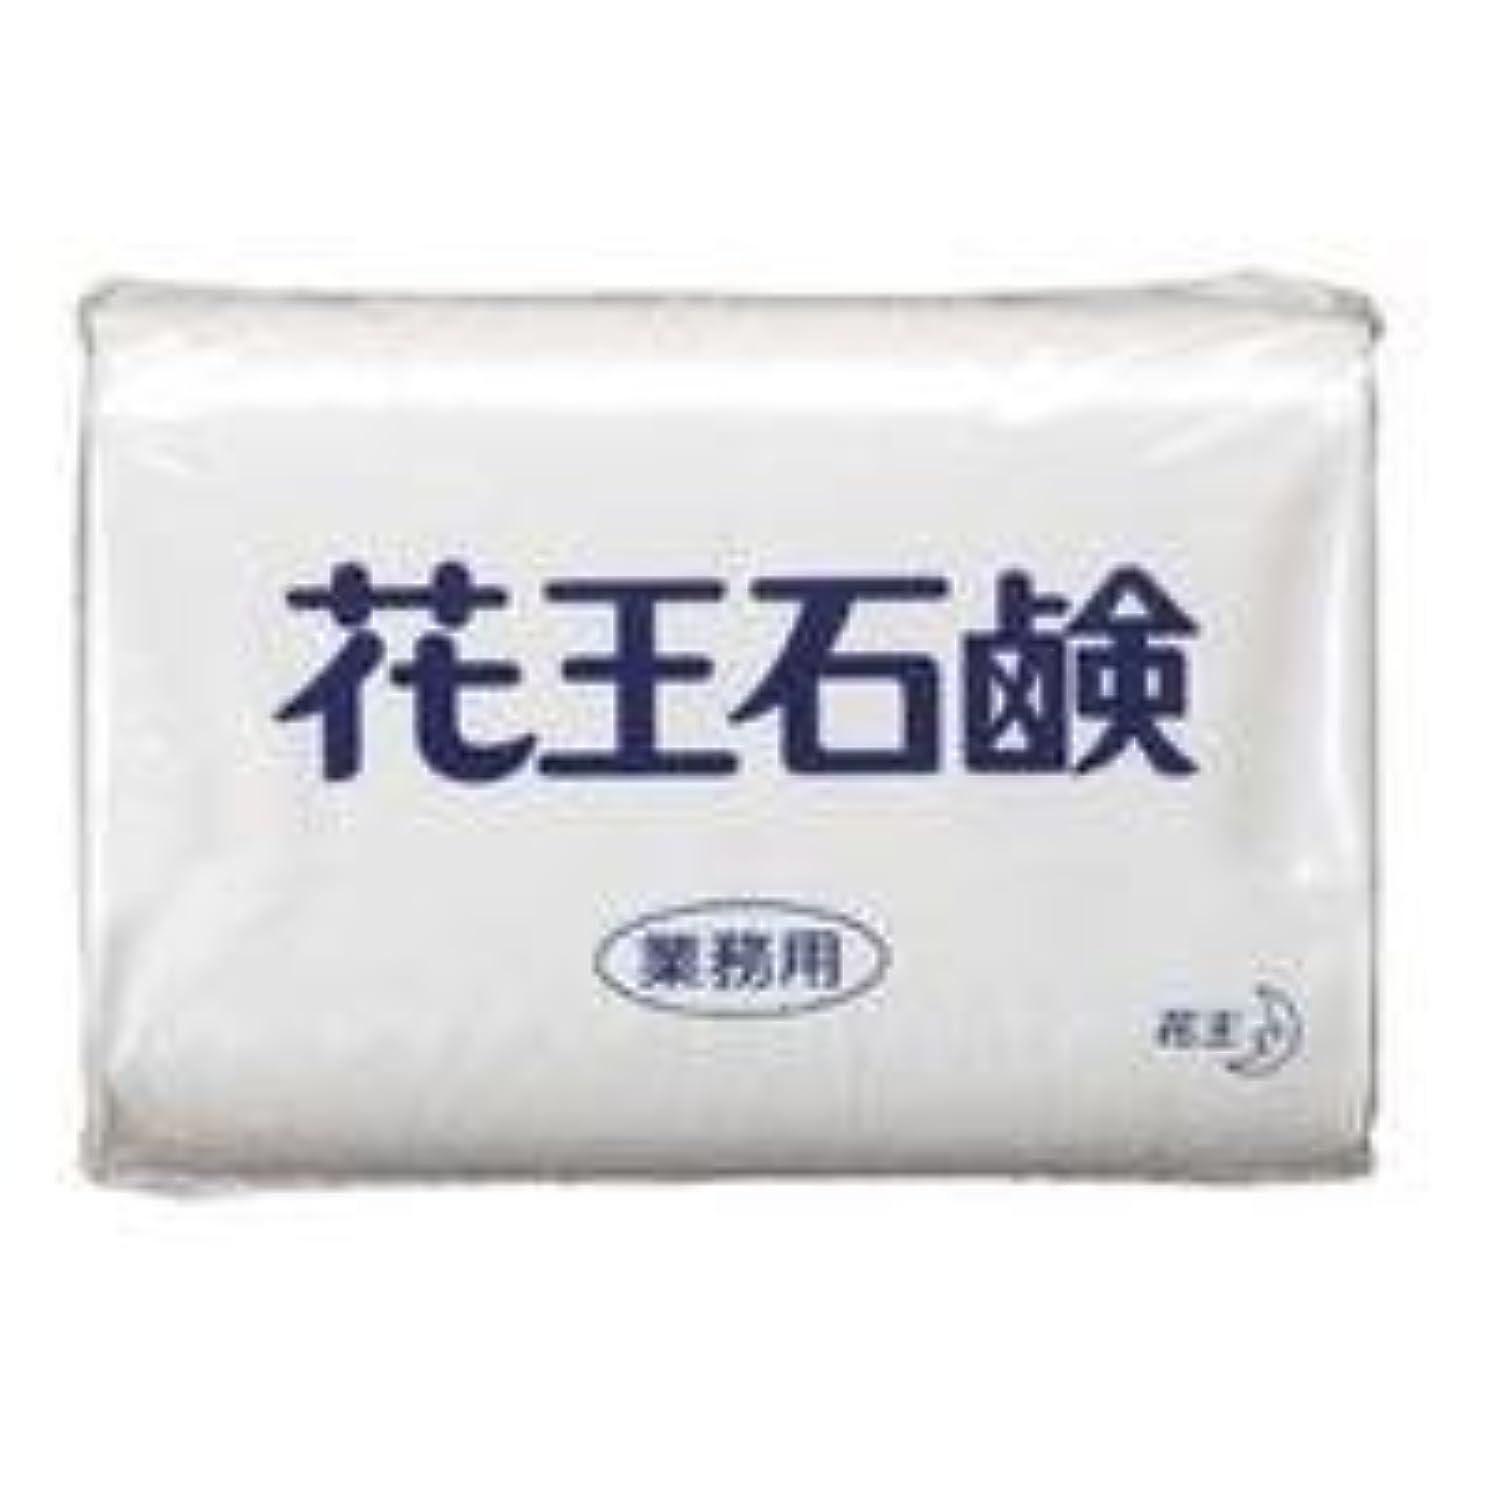 症状本物の惑星業務用石鹸 85g 3個×40パック(120個入り)